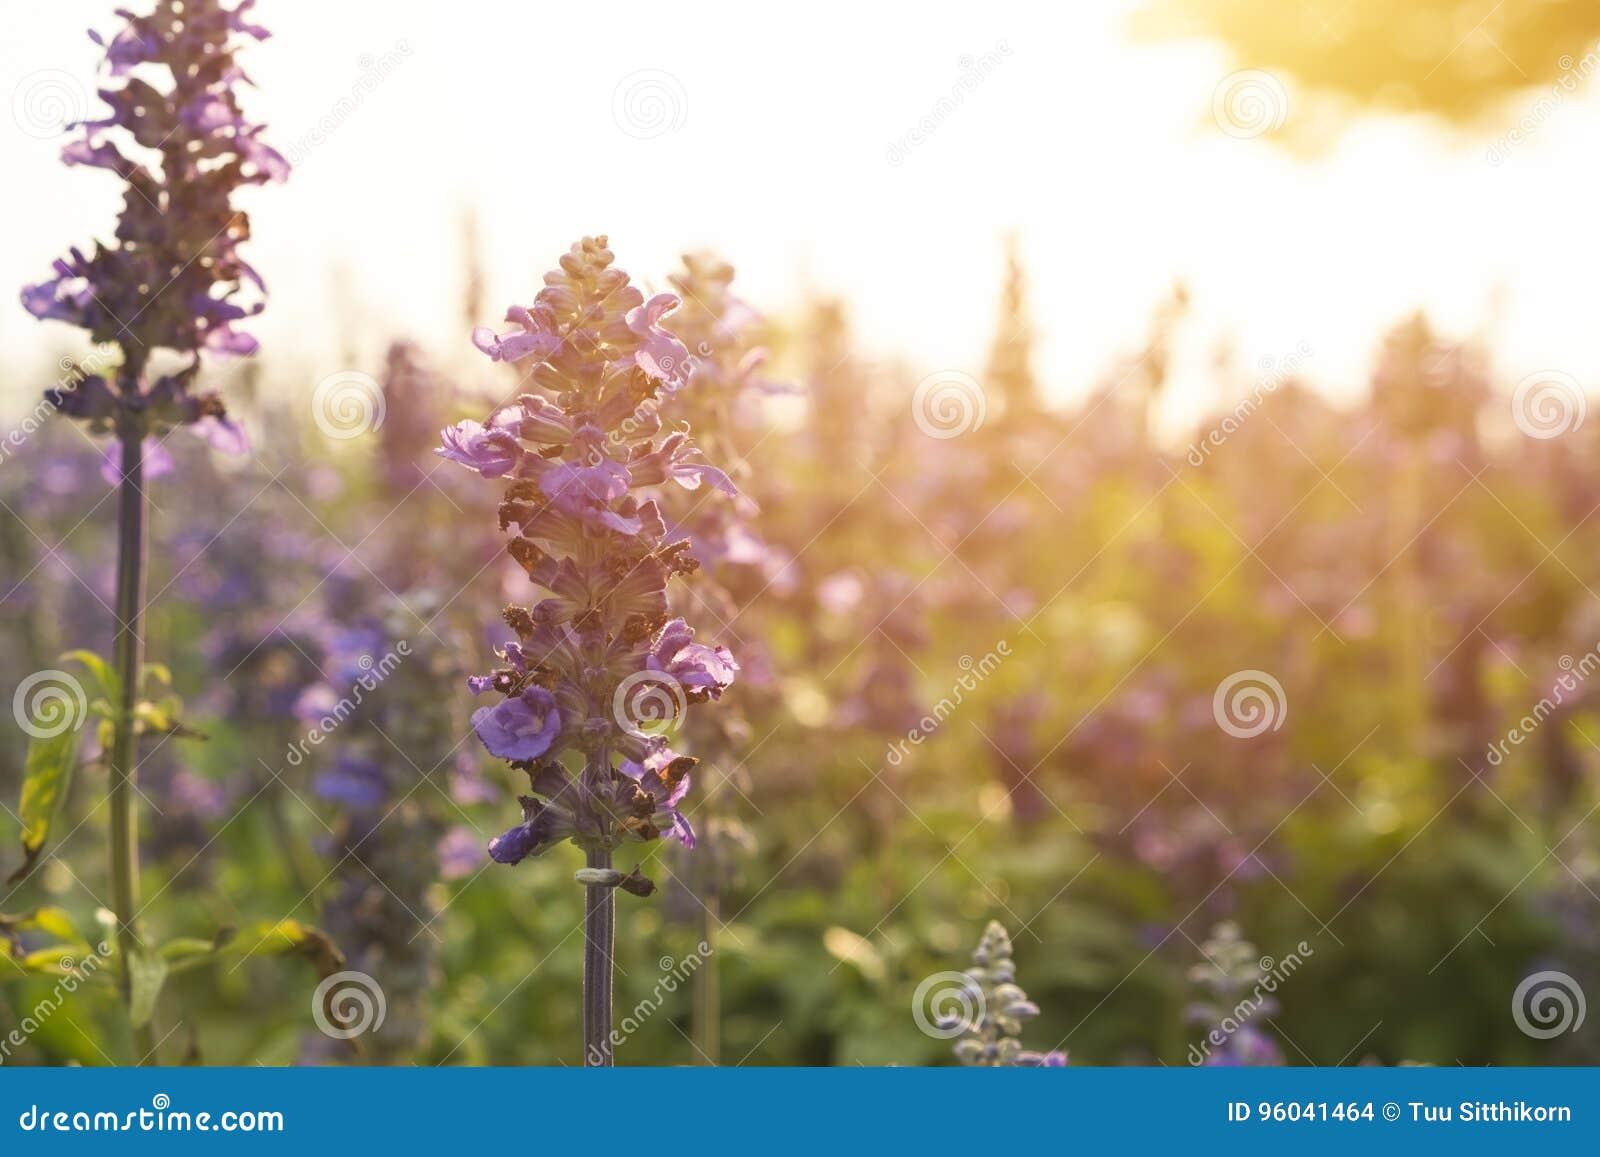 Blue Salvia garden